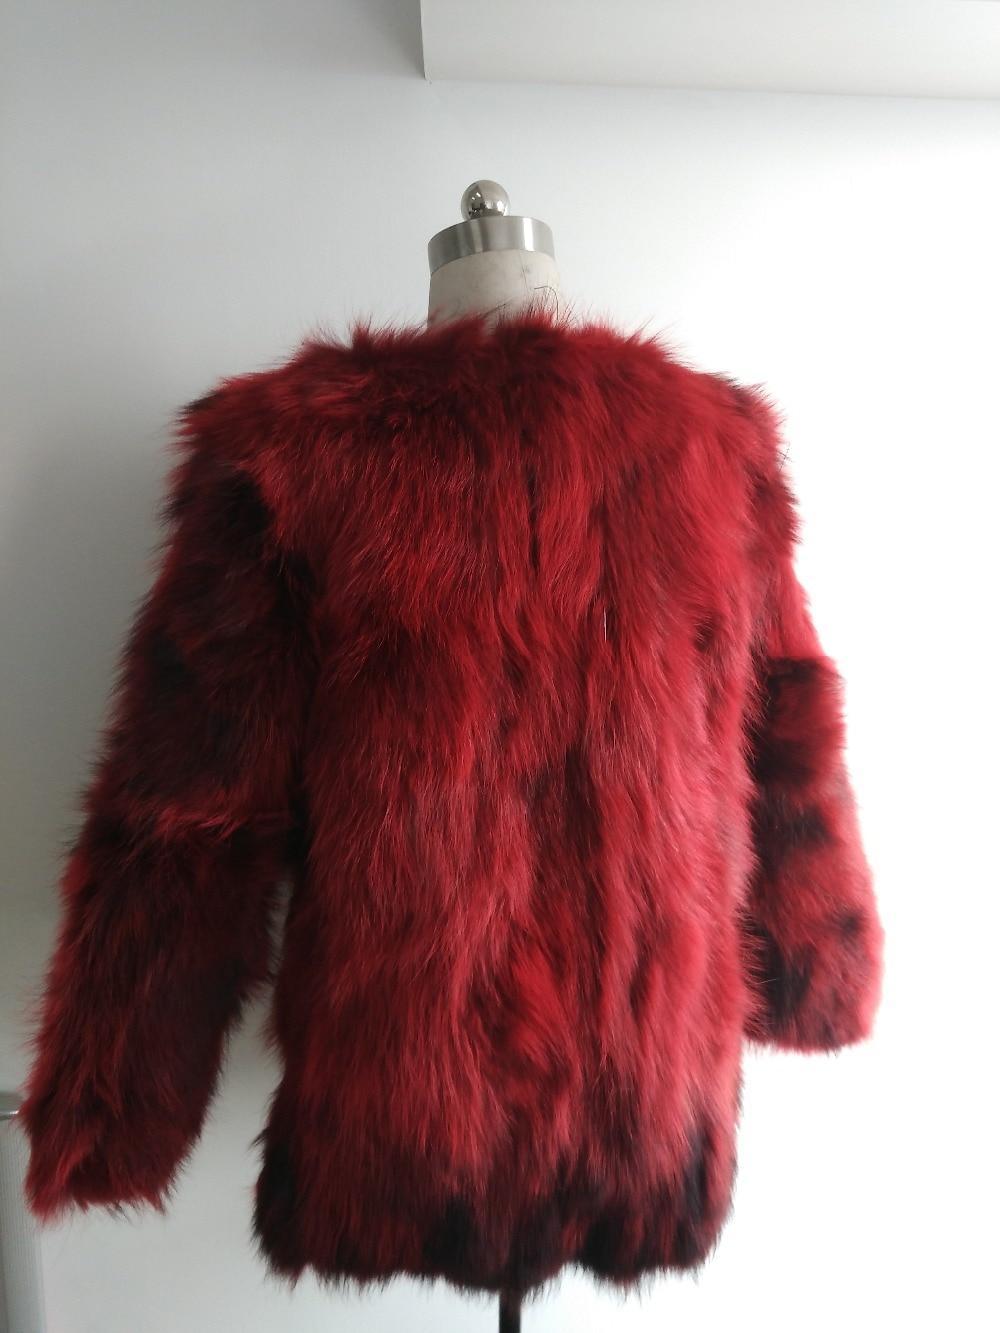 Long Femmes red Renard Fourrure Veste Manteau Raton Réel rose 2018 Fp725 black De Mode Laveur Navy 100 Arrivée Vrai Nouvelle wxPRPq7U